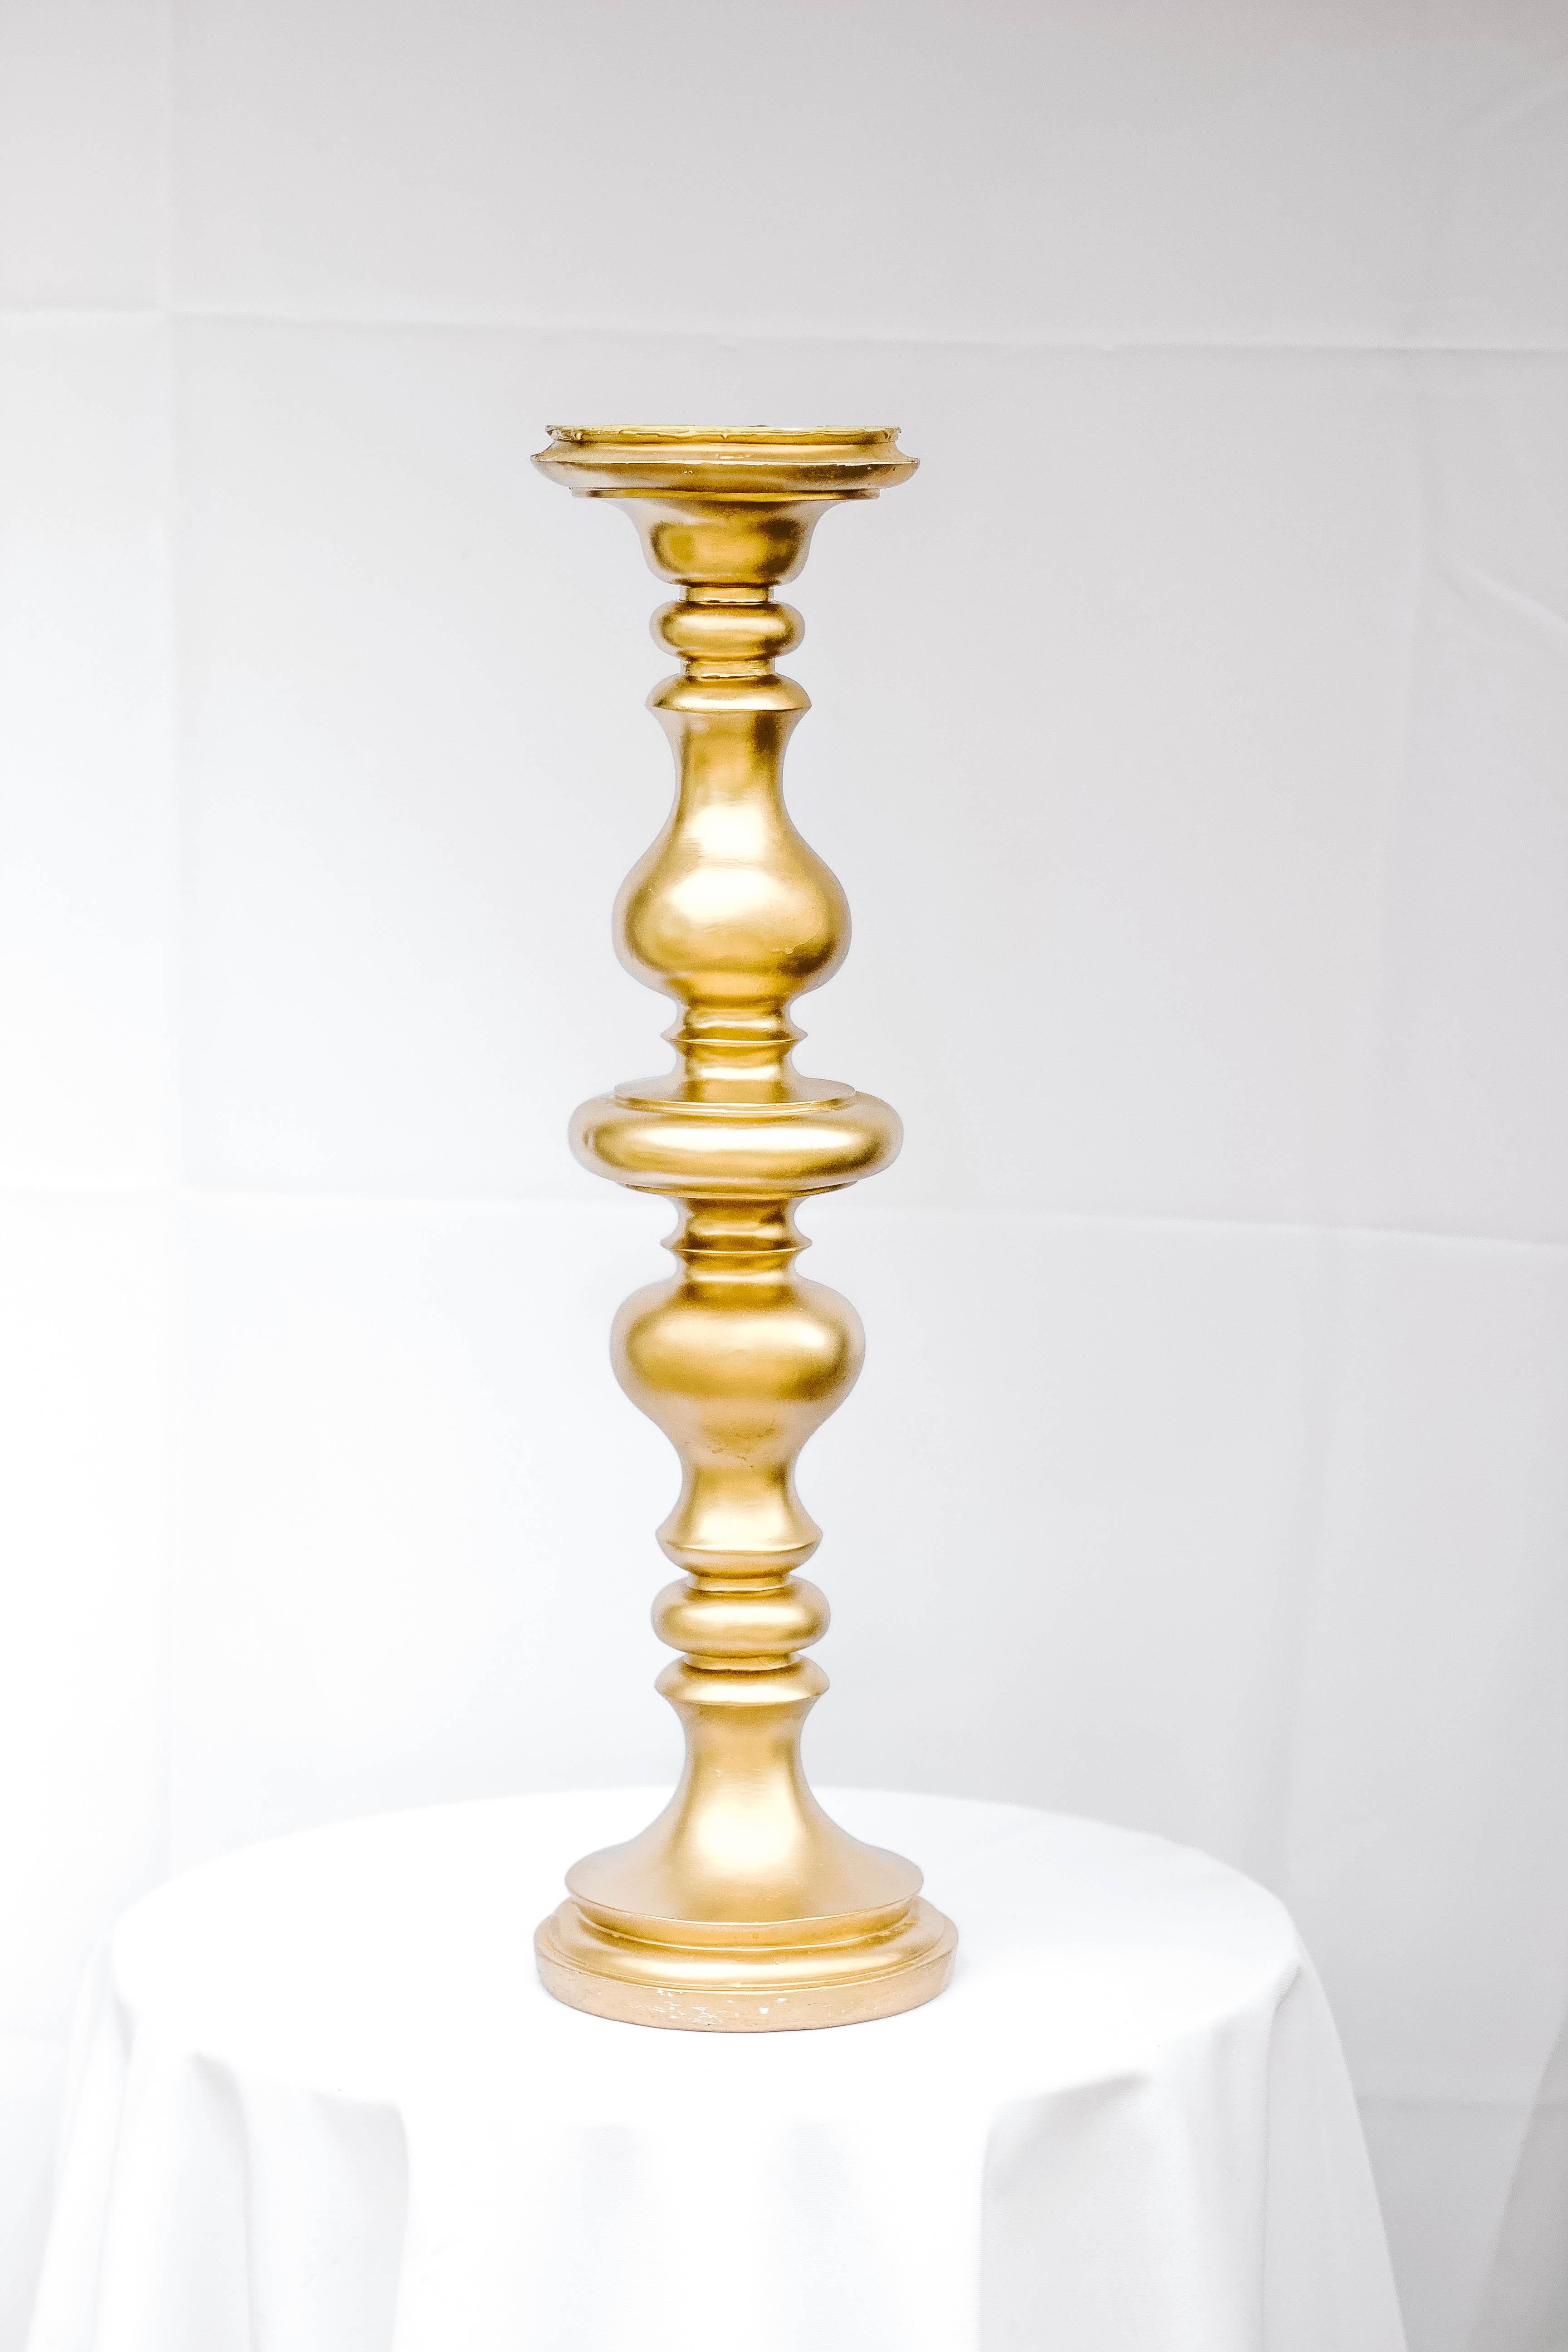 Gold Platform Pedestal